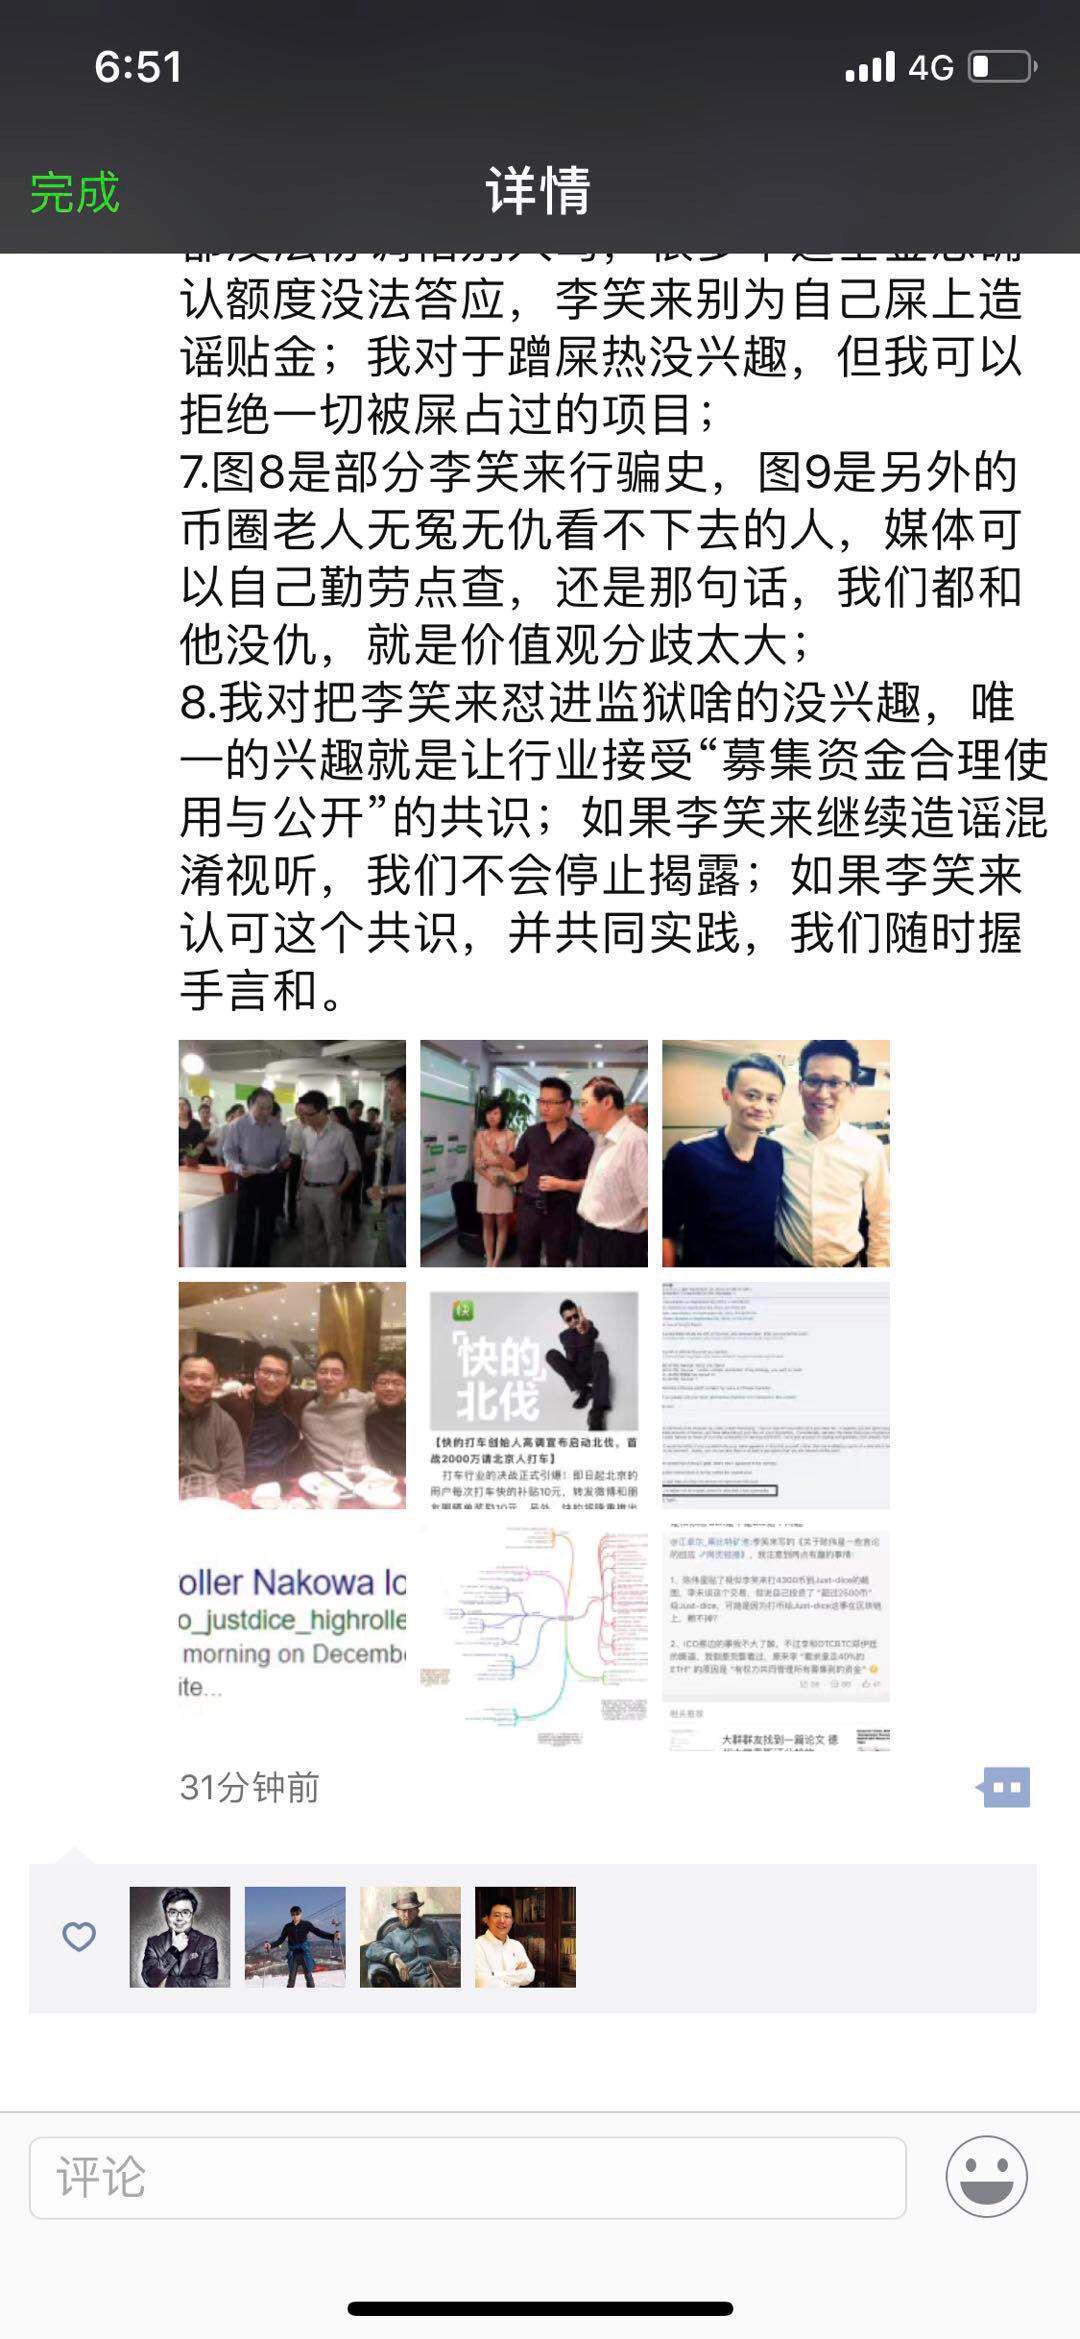 陈伟星在朋友圈再发声明:李笑来欠3万比特币且涉赌